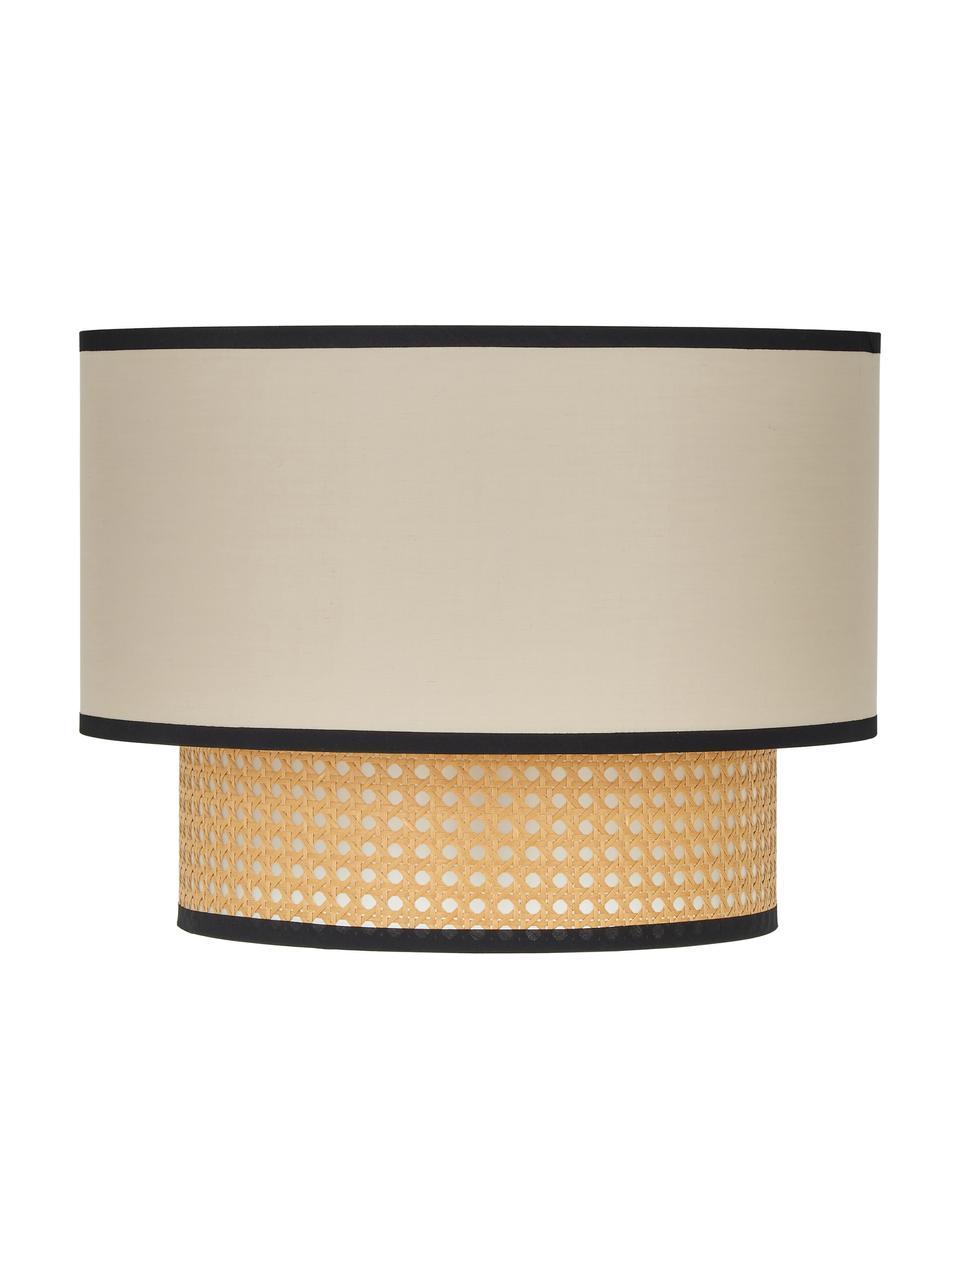 Lampa sufitowa z plecionki wiedeńskiej Vienna, Beżowy, czarny, kremowy, ∅ 40 x W 30 cm